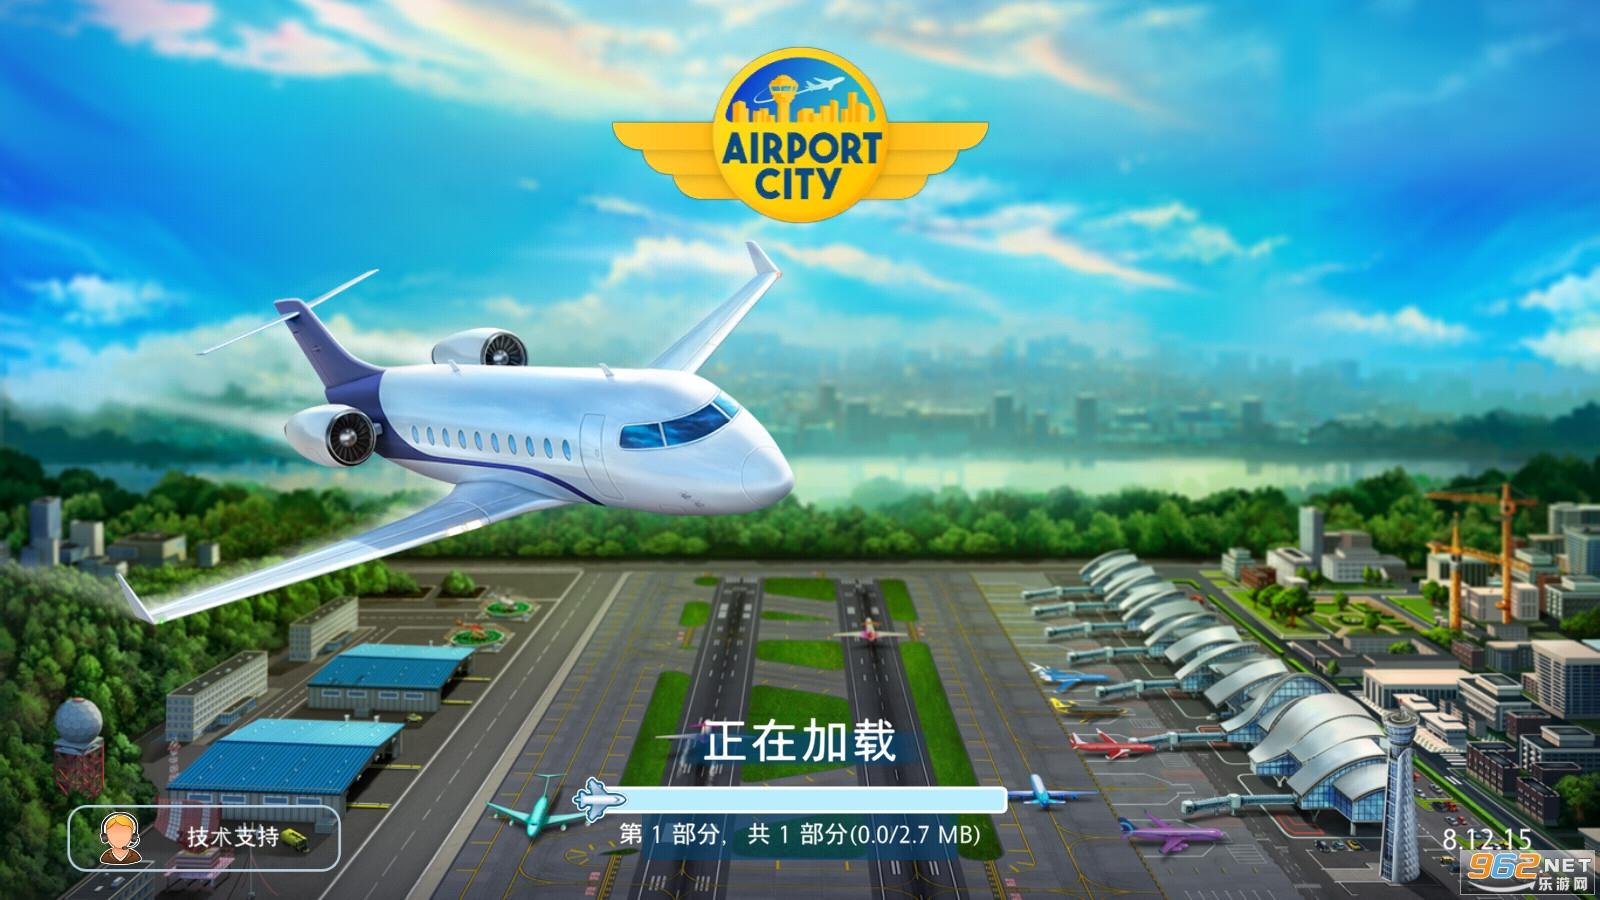 机场城市2021破解版v8.12.15最新版截图2